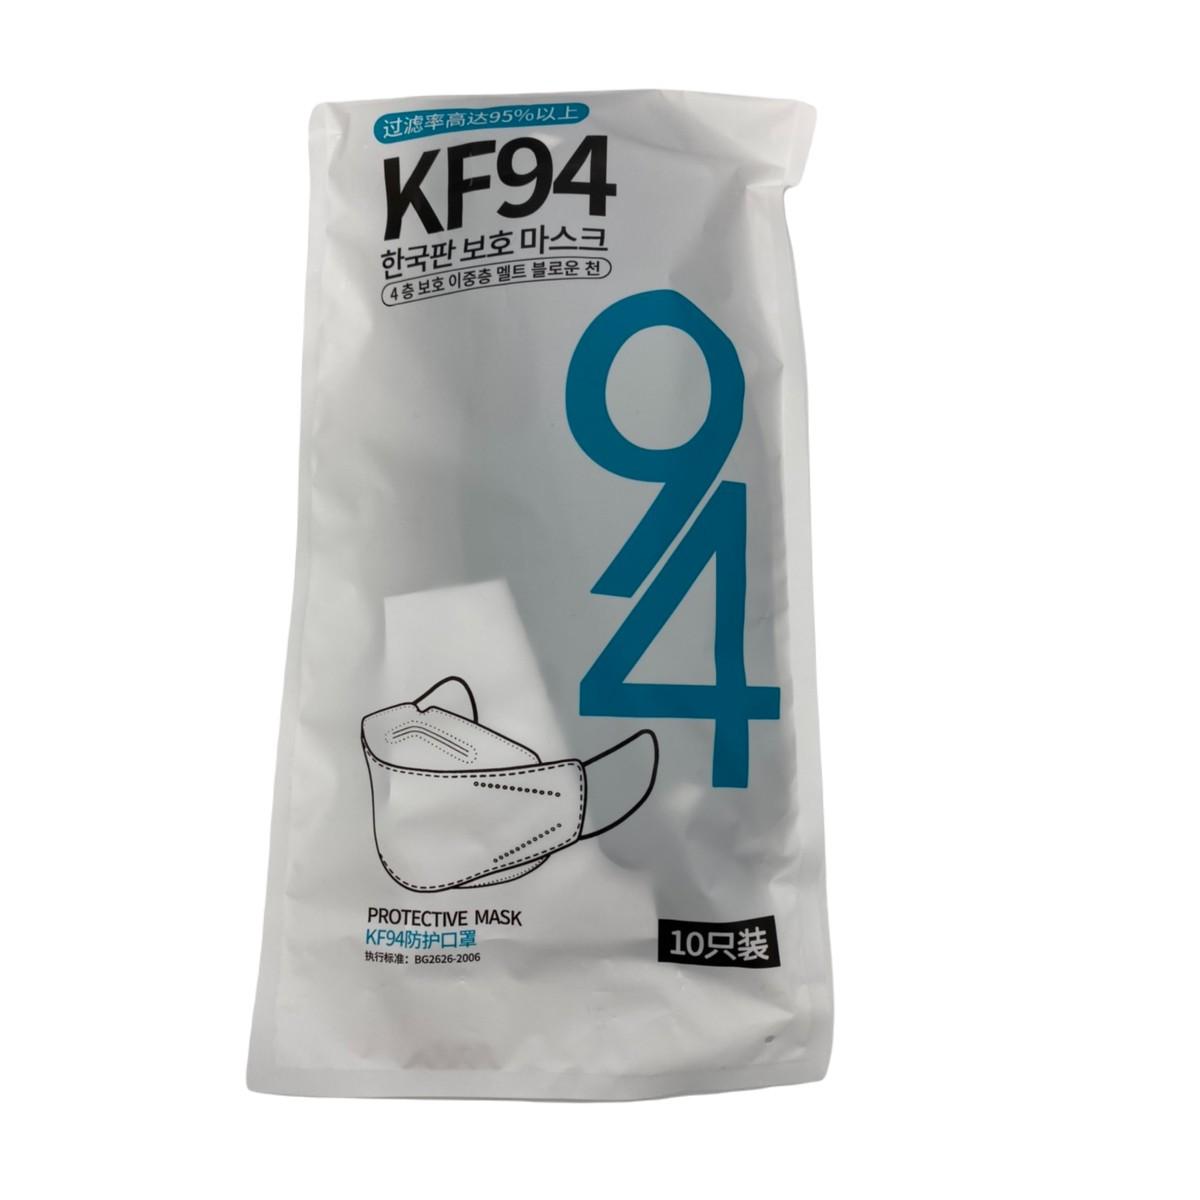 価格交渉OK送料無料 KF94 高性能マスク ブラック 10枚入 送料無料 海外並行輸入正規品 KF94高性能マスク 3D 立体構造 ハウスダスト 黒 感染 韓国 マスク 飛沫 バクテリア 予防 ウイルス